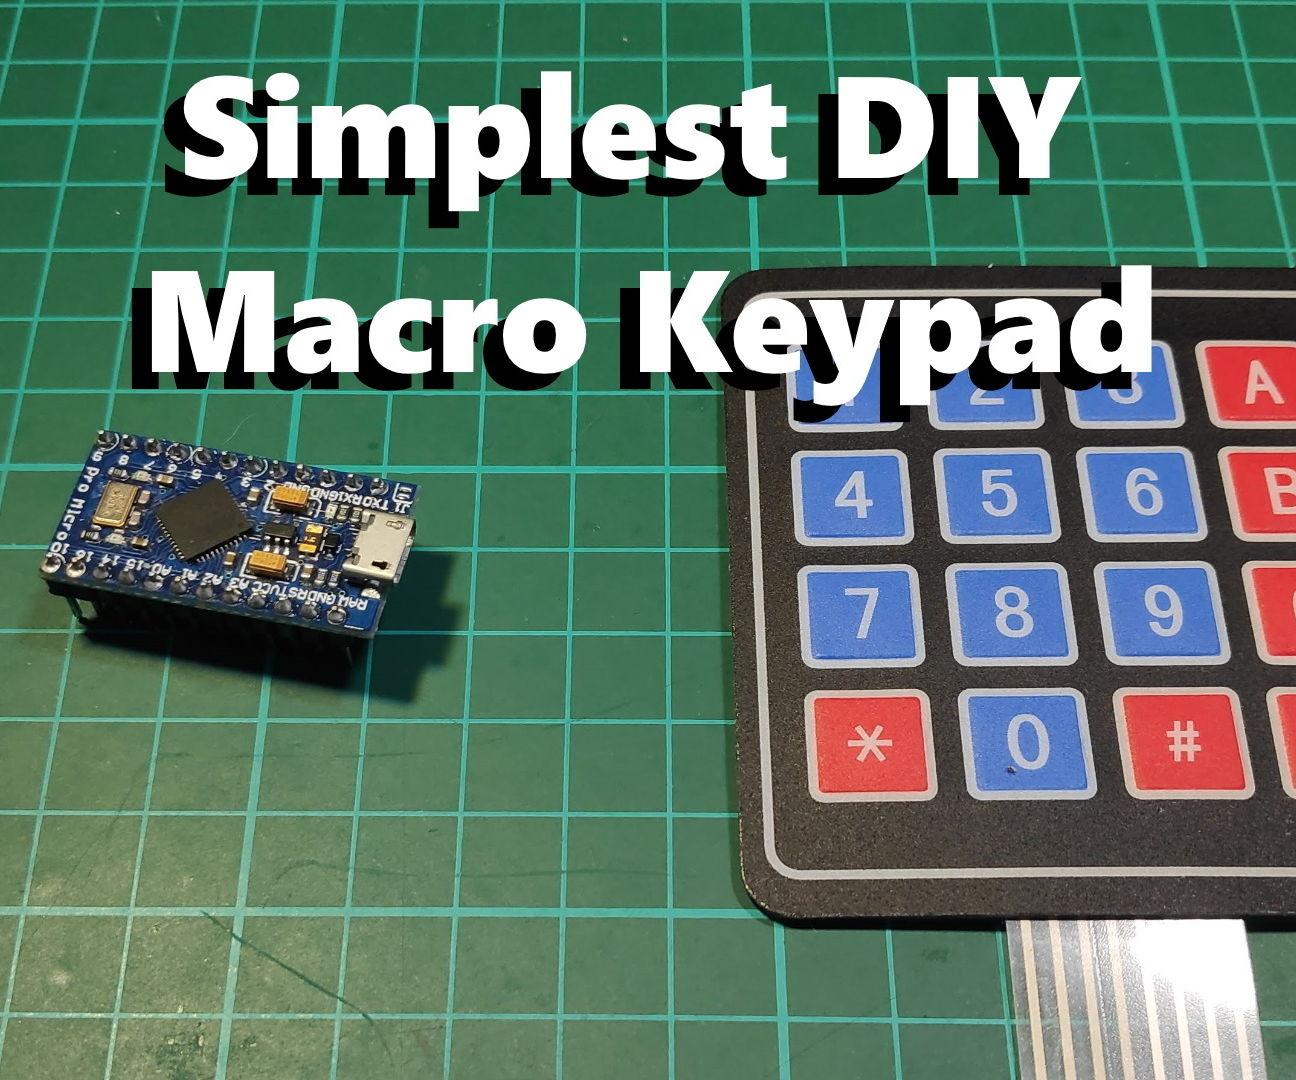 The Simplest DIY Macro Keypad